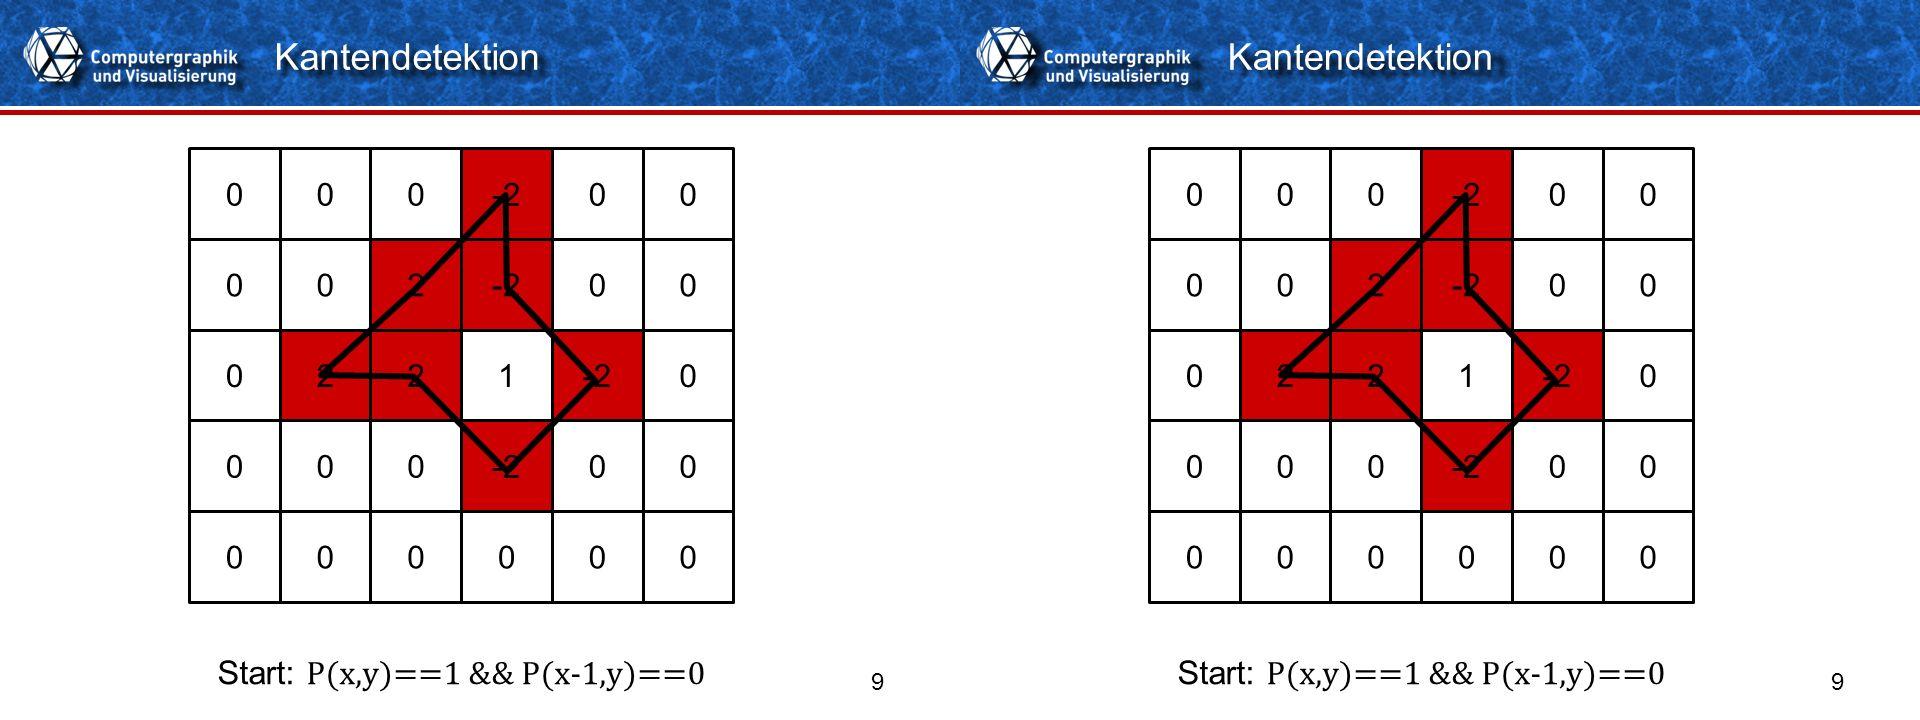 Titelformat Einzeiler 99 Kantendetektion 000100 001100 011110 000100 000000 Start: P(x,y)==1 && P(x-1,y)==0 1 11 011110 000100 000000 -2 22 2 000 00 0